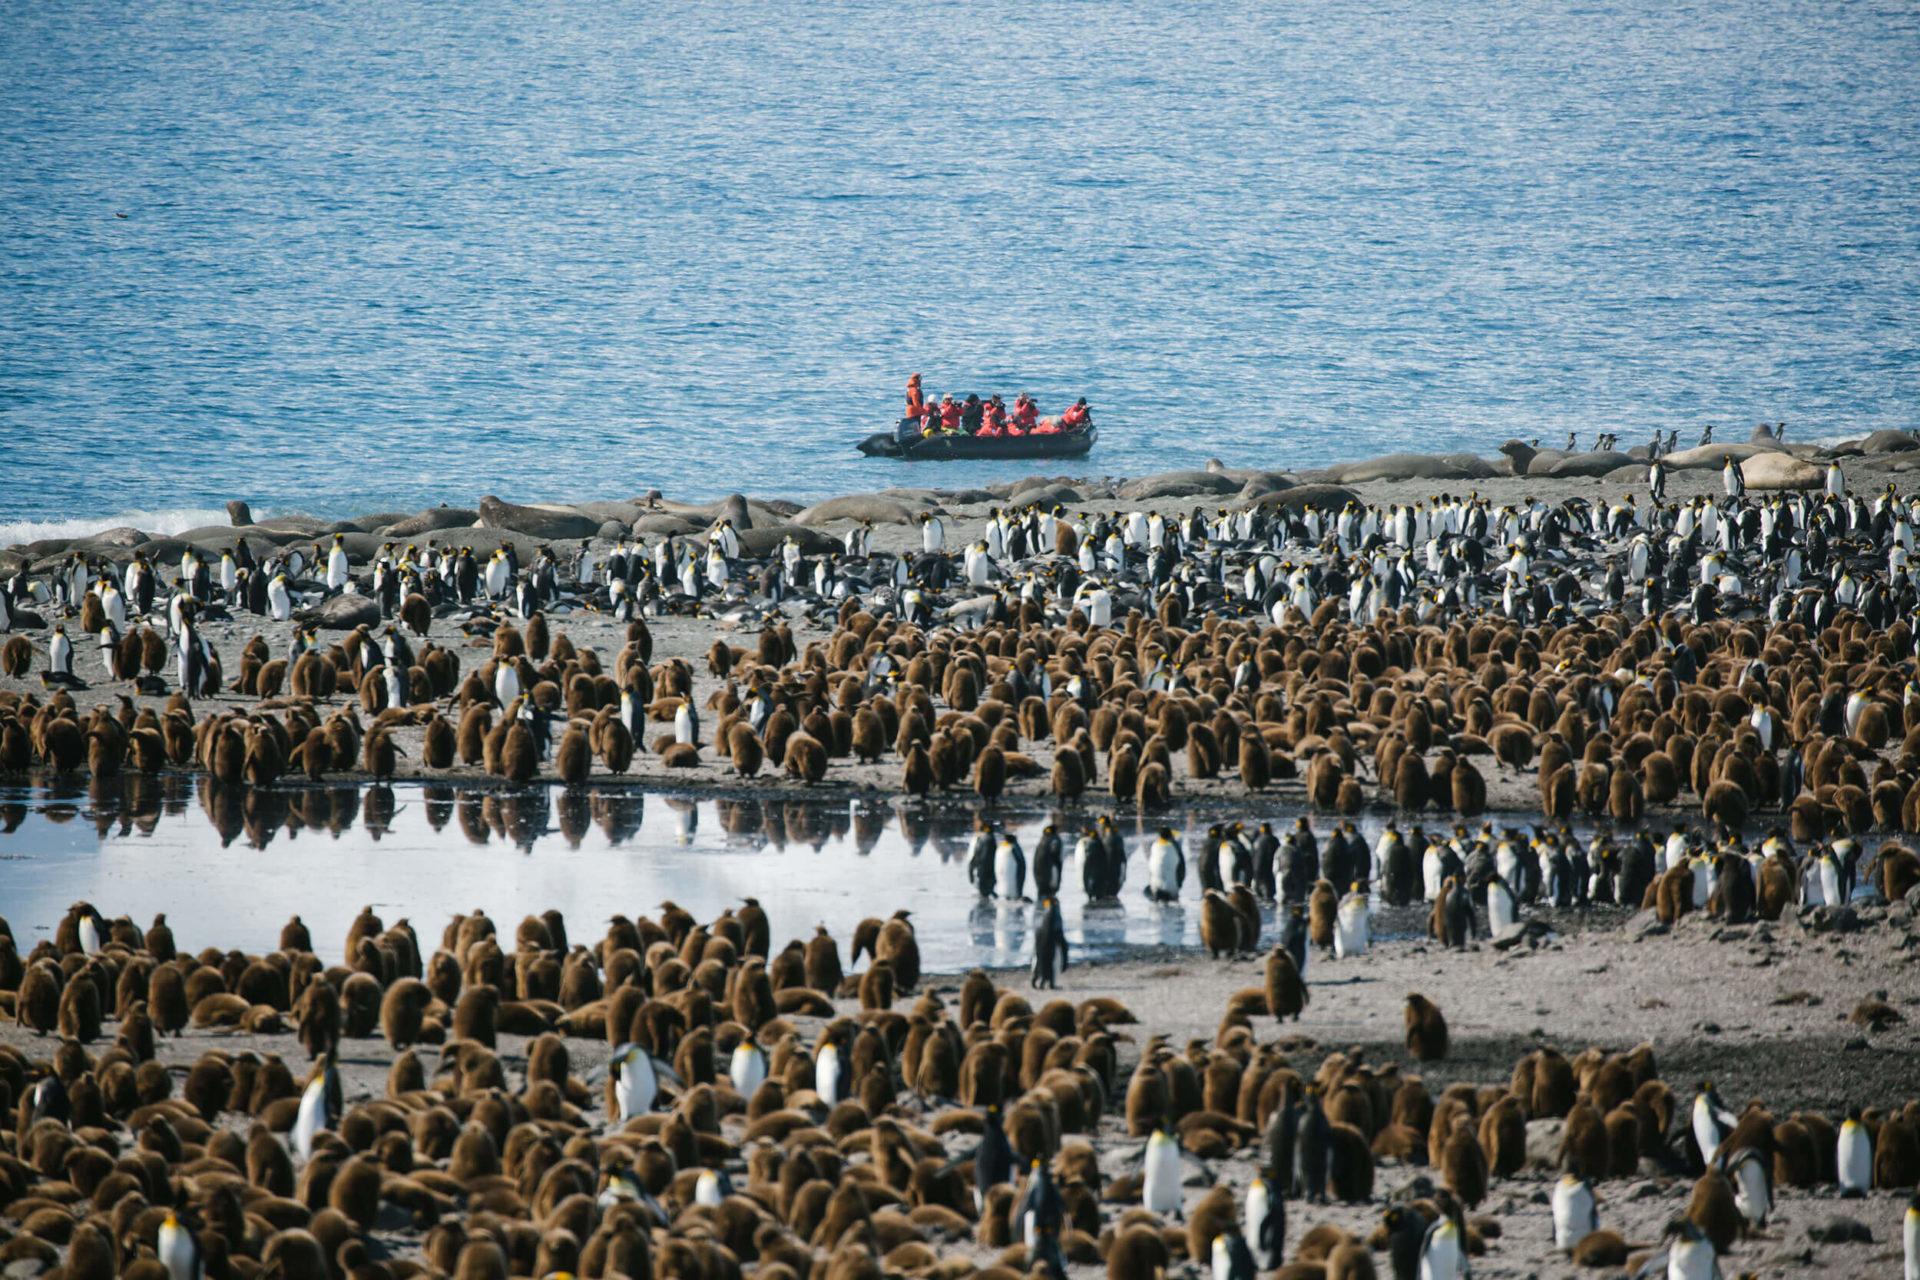 Anlandungen mit dem Zodiac bei Pinguinkolonien